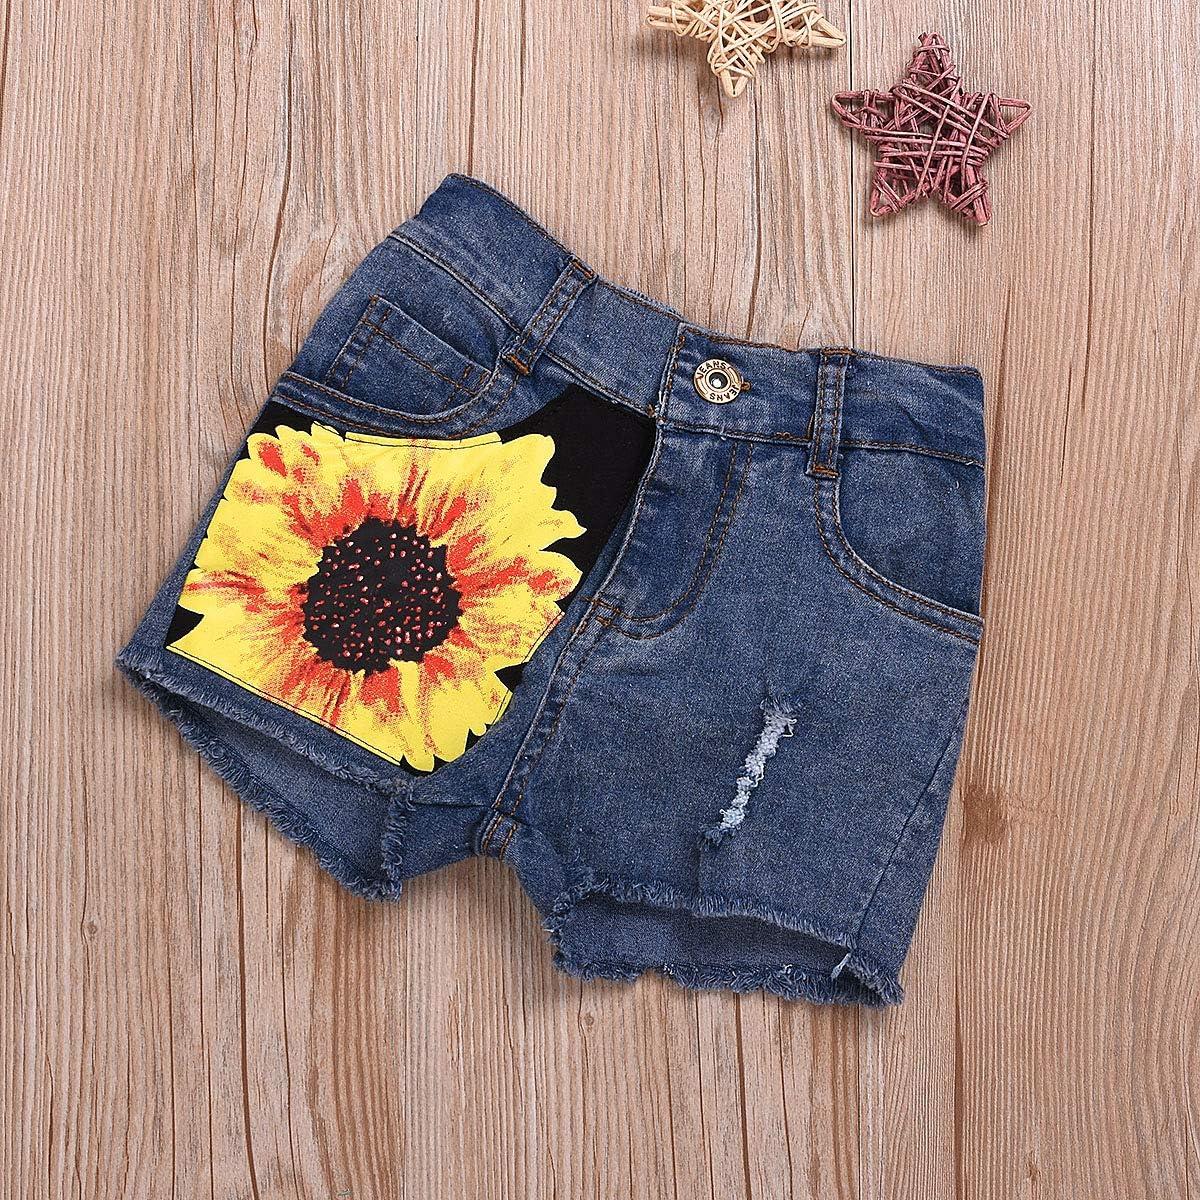 Jeans Shorts Sonnenblume Kleidung Set 1-8 t Kleinkind M/ädchen Buchstaben /ärmelloses Top